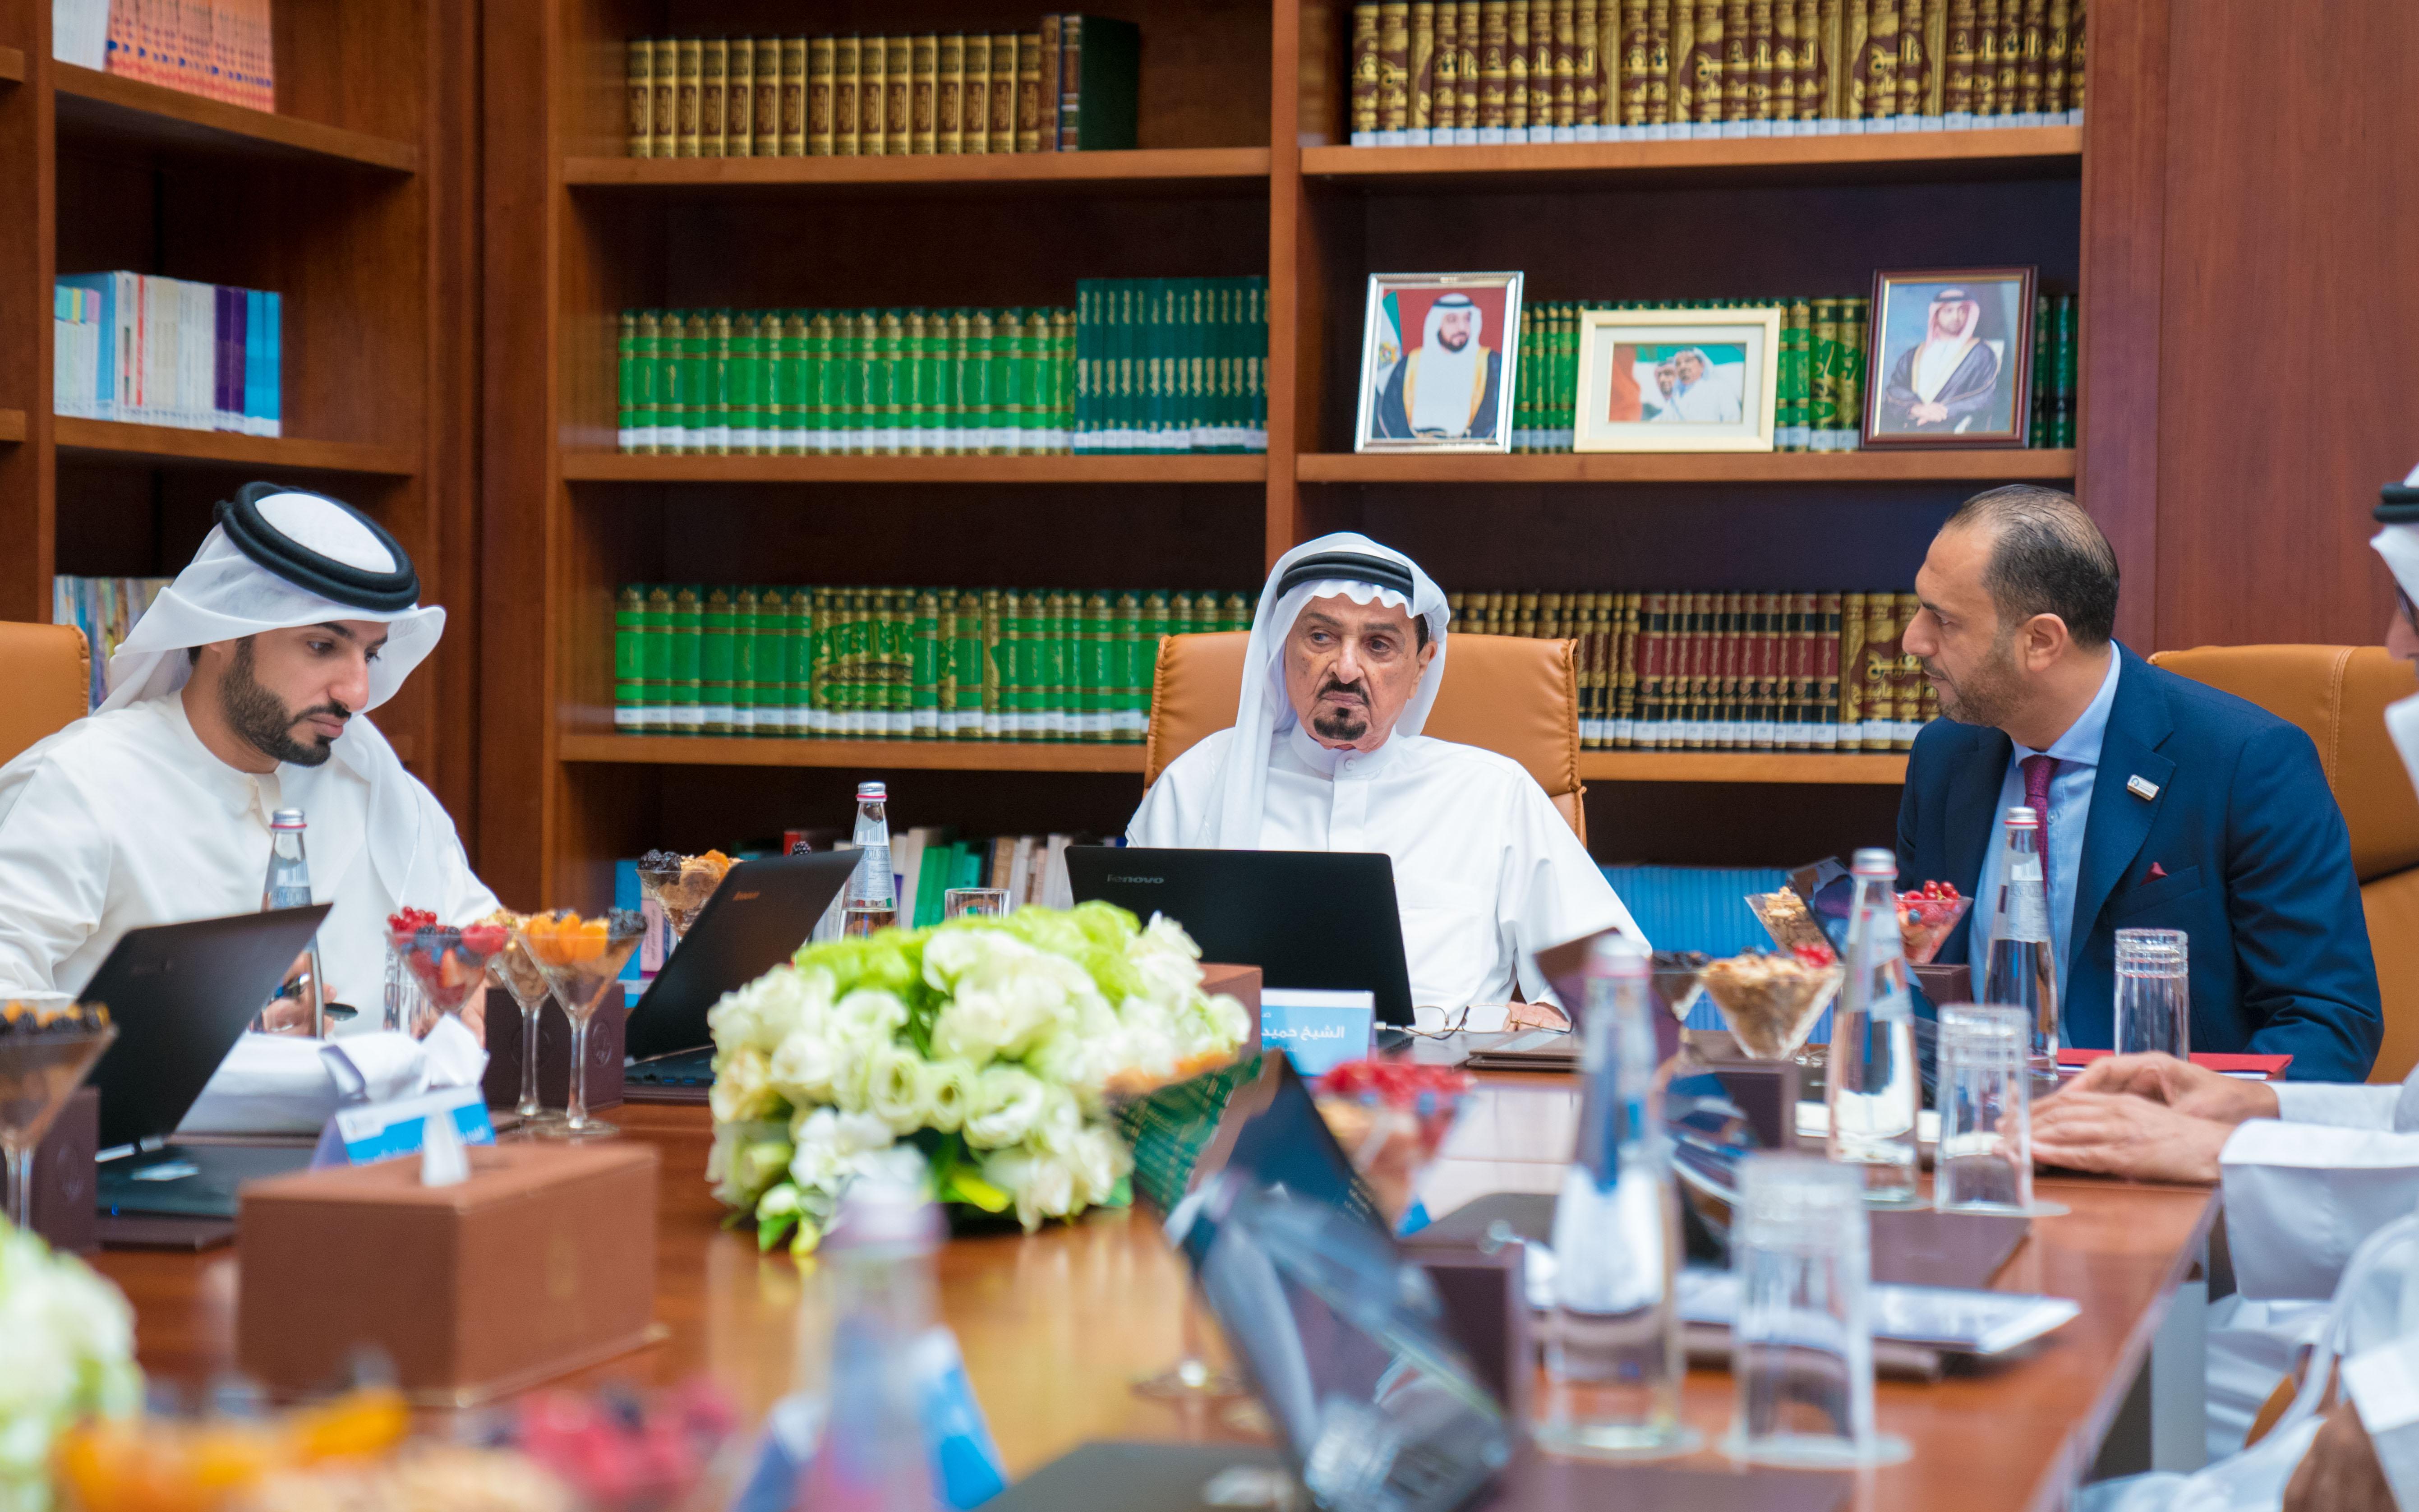 حميد النعيمي يترأس مجلس أمناء جامعة عجمان ويعتمد الموازنة السنوية وقوائم الخريجين